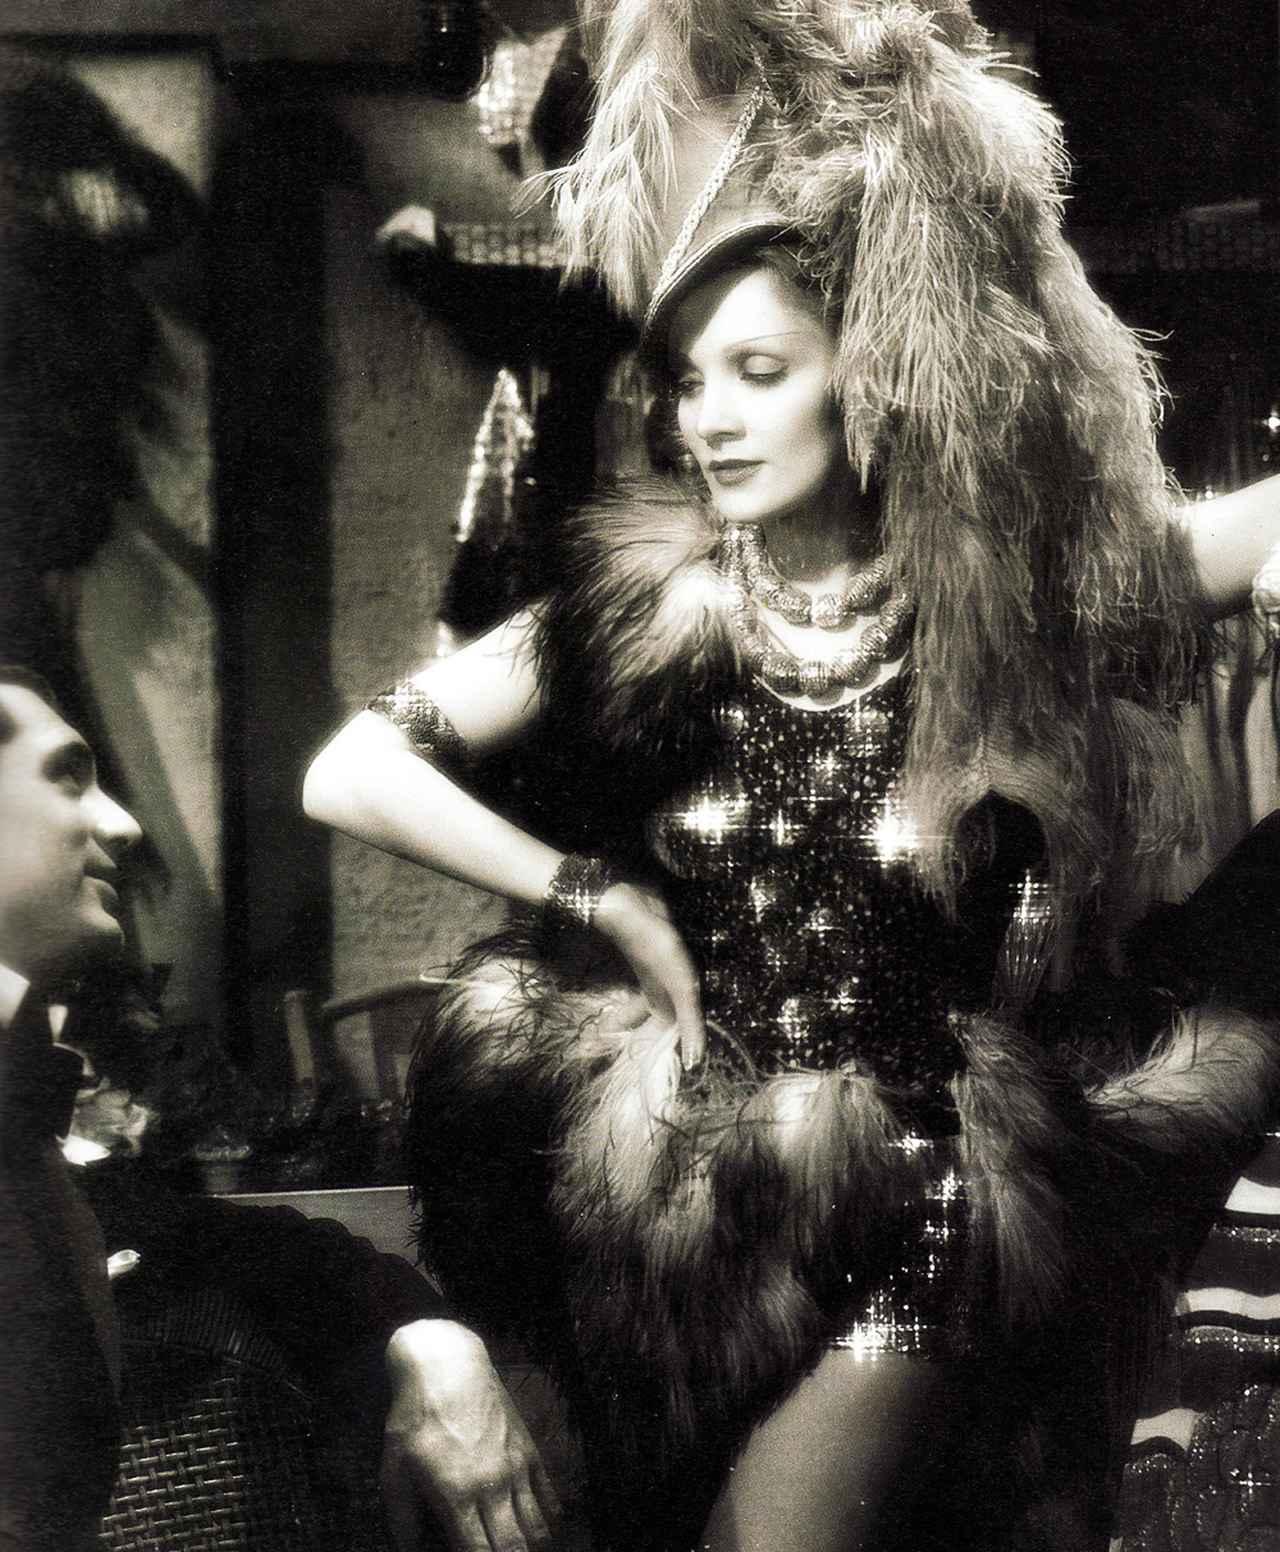 画像: 結婚後、ナイトクラブに戻り、ゴリラの着ぐるみを脱ぐ演出で金持ちのケーリー・グラントを魅了する。